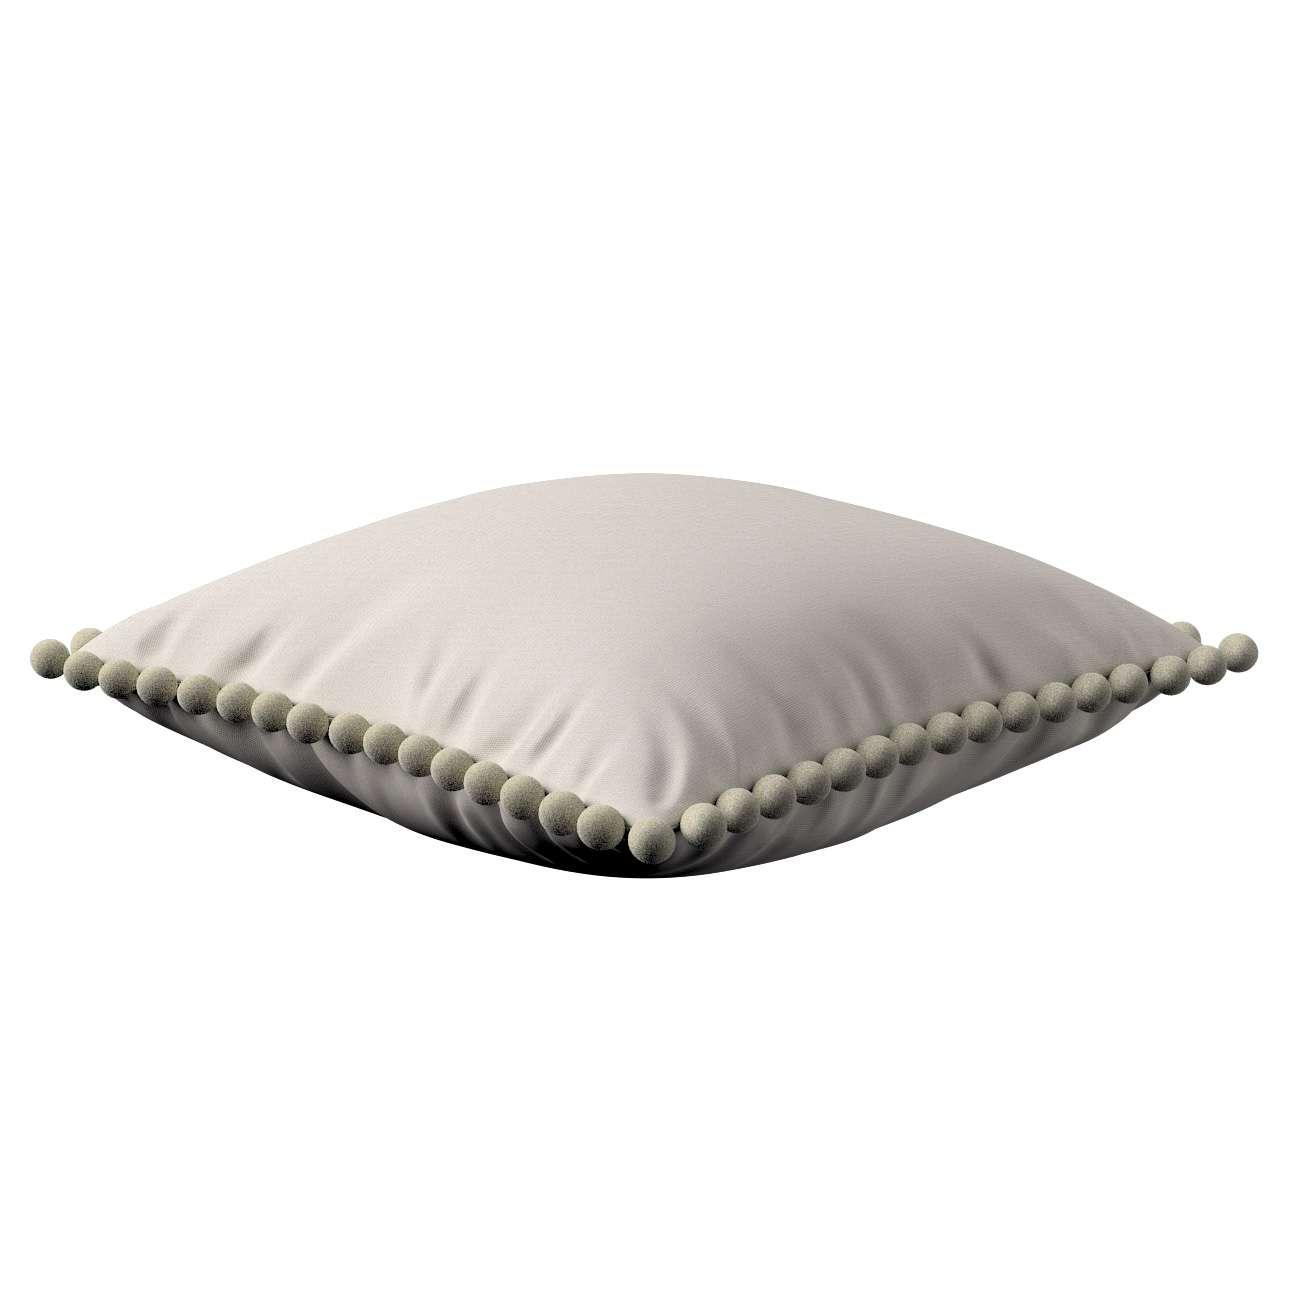 Wera dekoratyvinės pagalvėlės užvalkalas su žaismingais kraštais 45 x 45 cm kolekcijoje Cotton Panama, audinys: 702-31